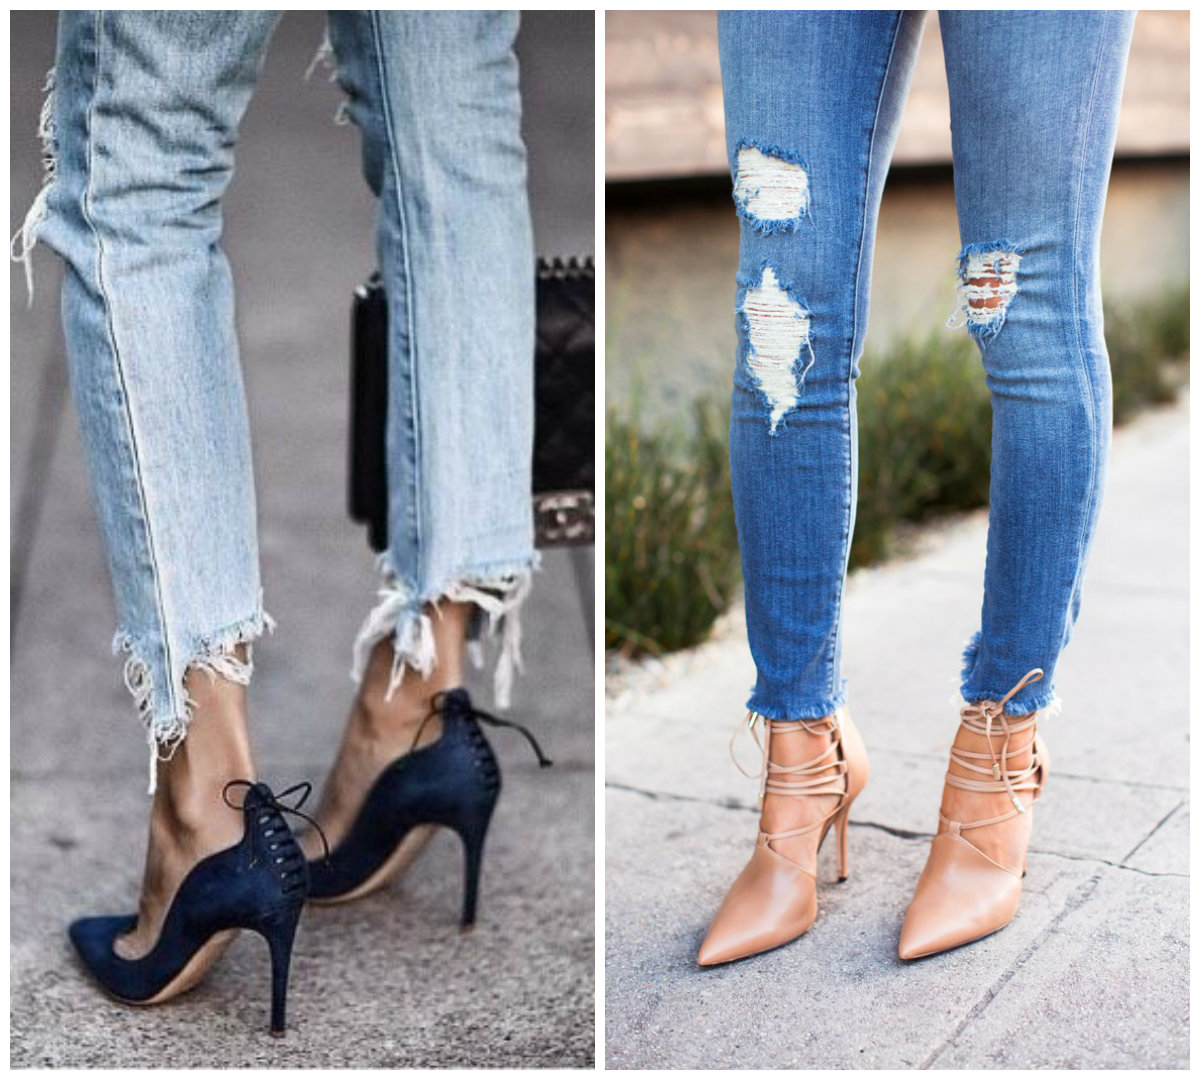 Модные-джинсы-2018-женские-Крой-фото-Длина-Крой-Декор-Цвет-джинсы 2018 женские